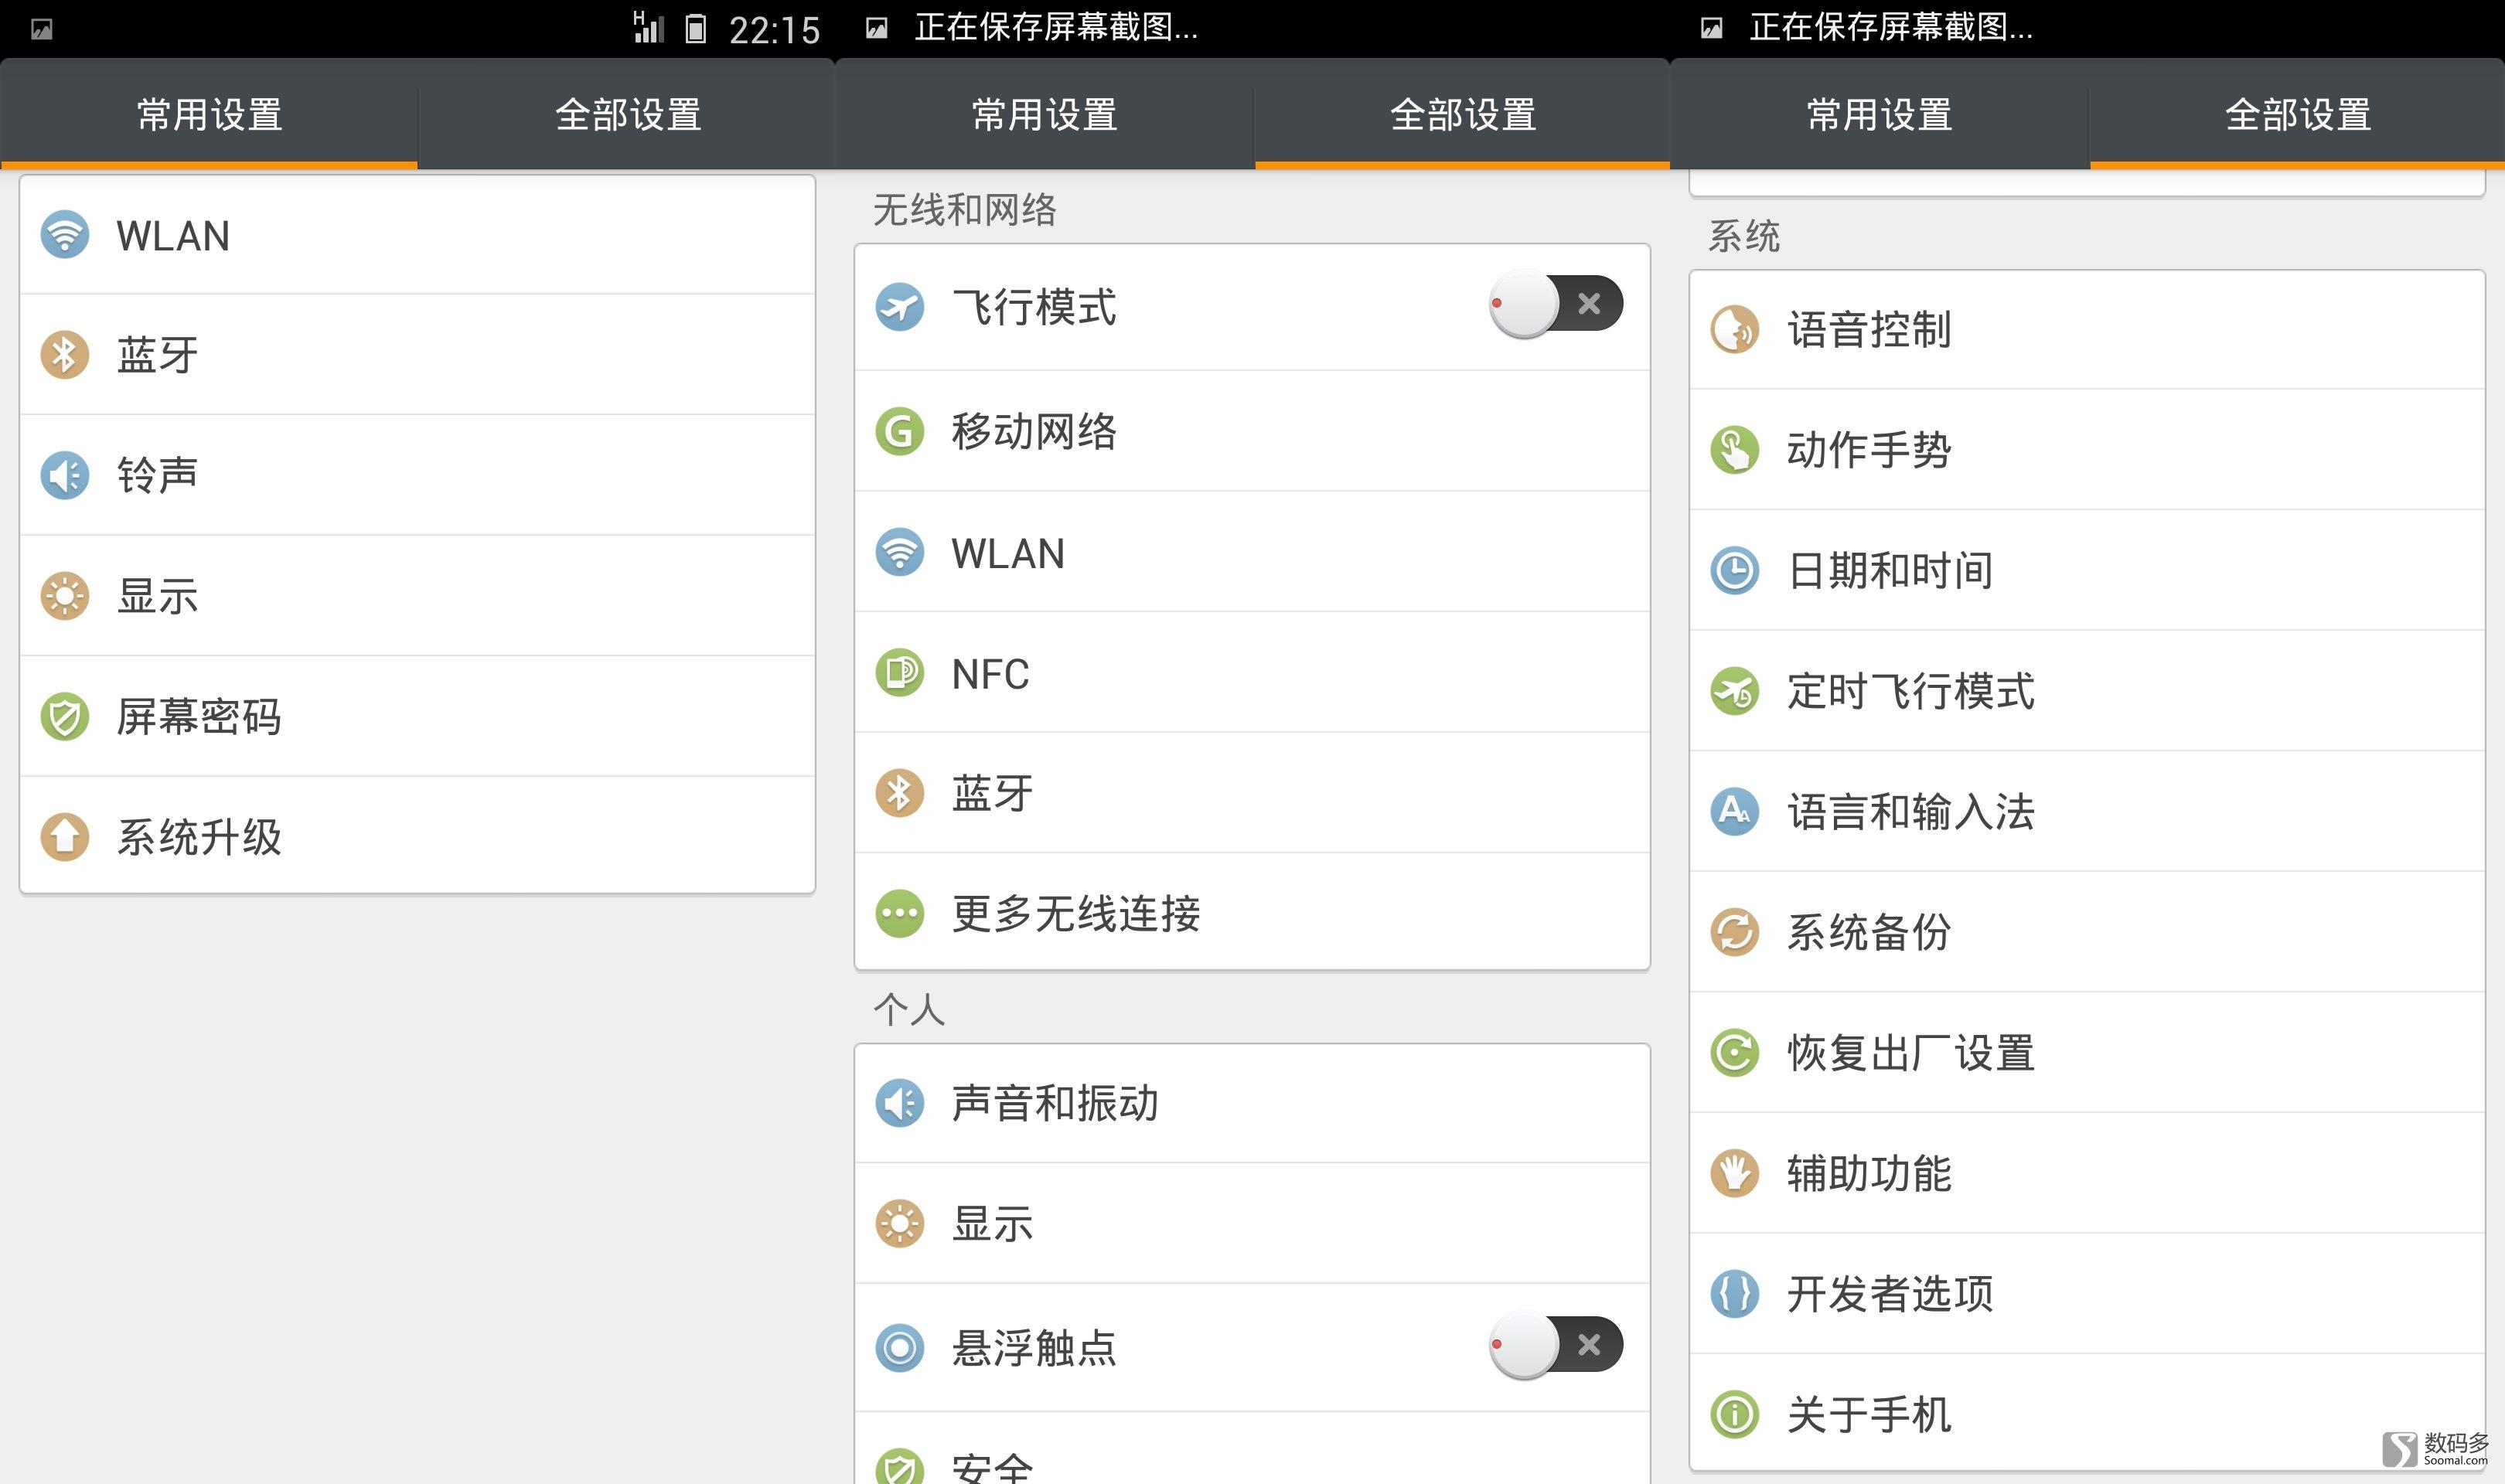 金立手机桌面设置在哪1、可进入设置→更多→查看是否有已保存的